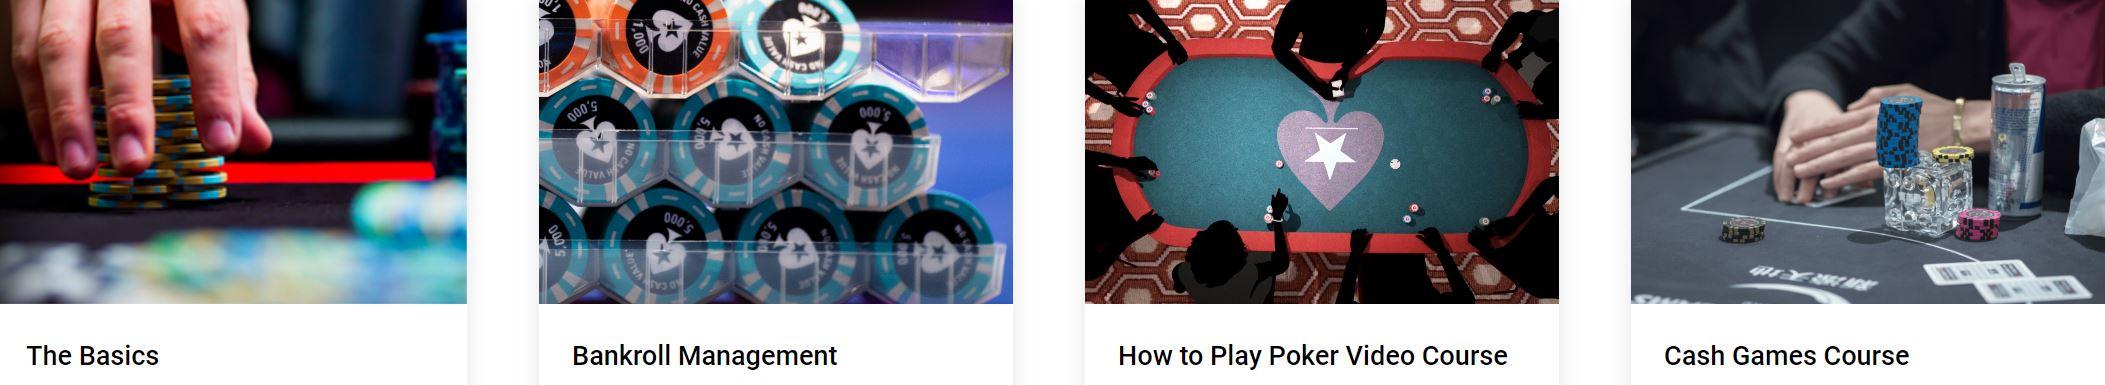 Existen muchas mesas de póker disponilbes en los sitios de casino online.